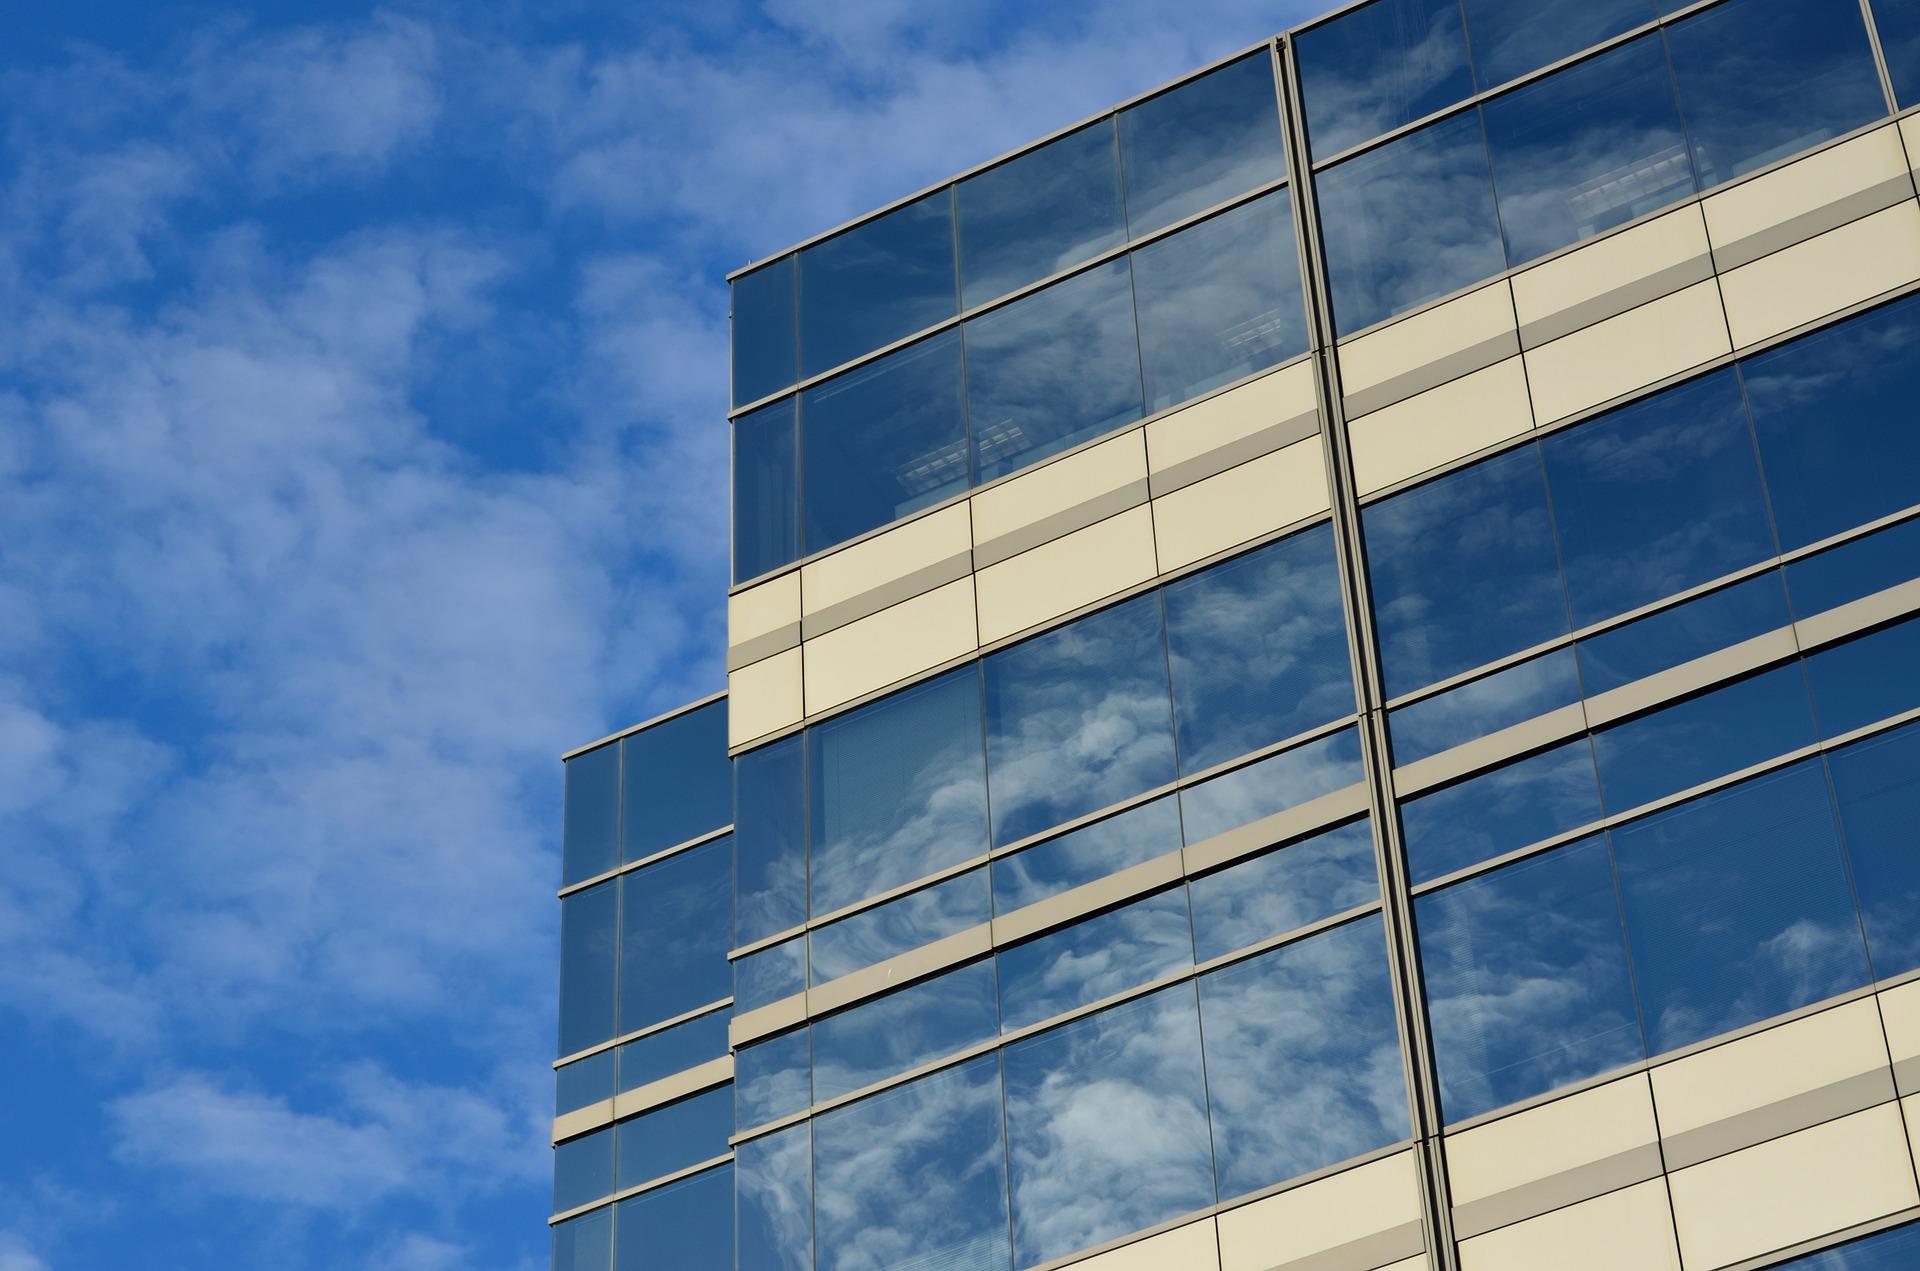 Geltendmachung von Gewährleistungsrechten durch den Leasingnehmer